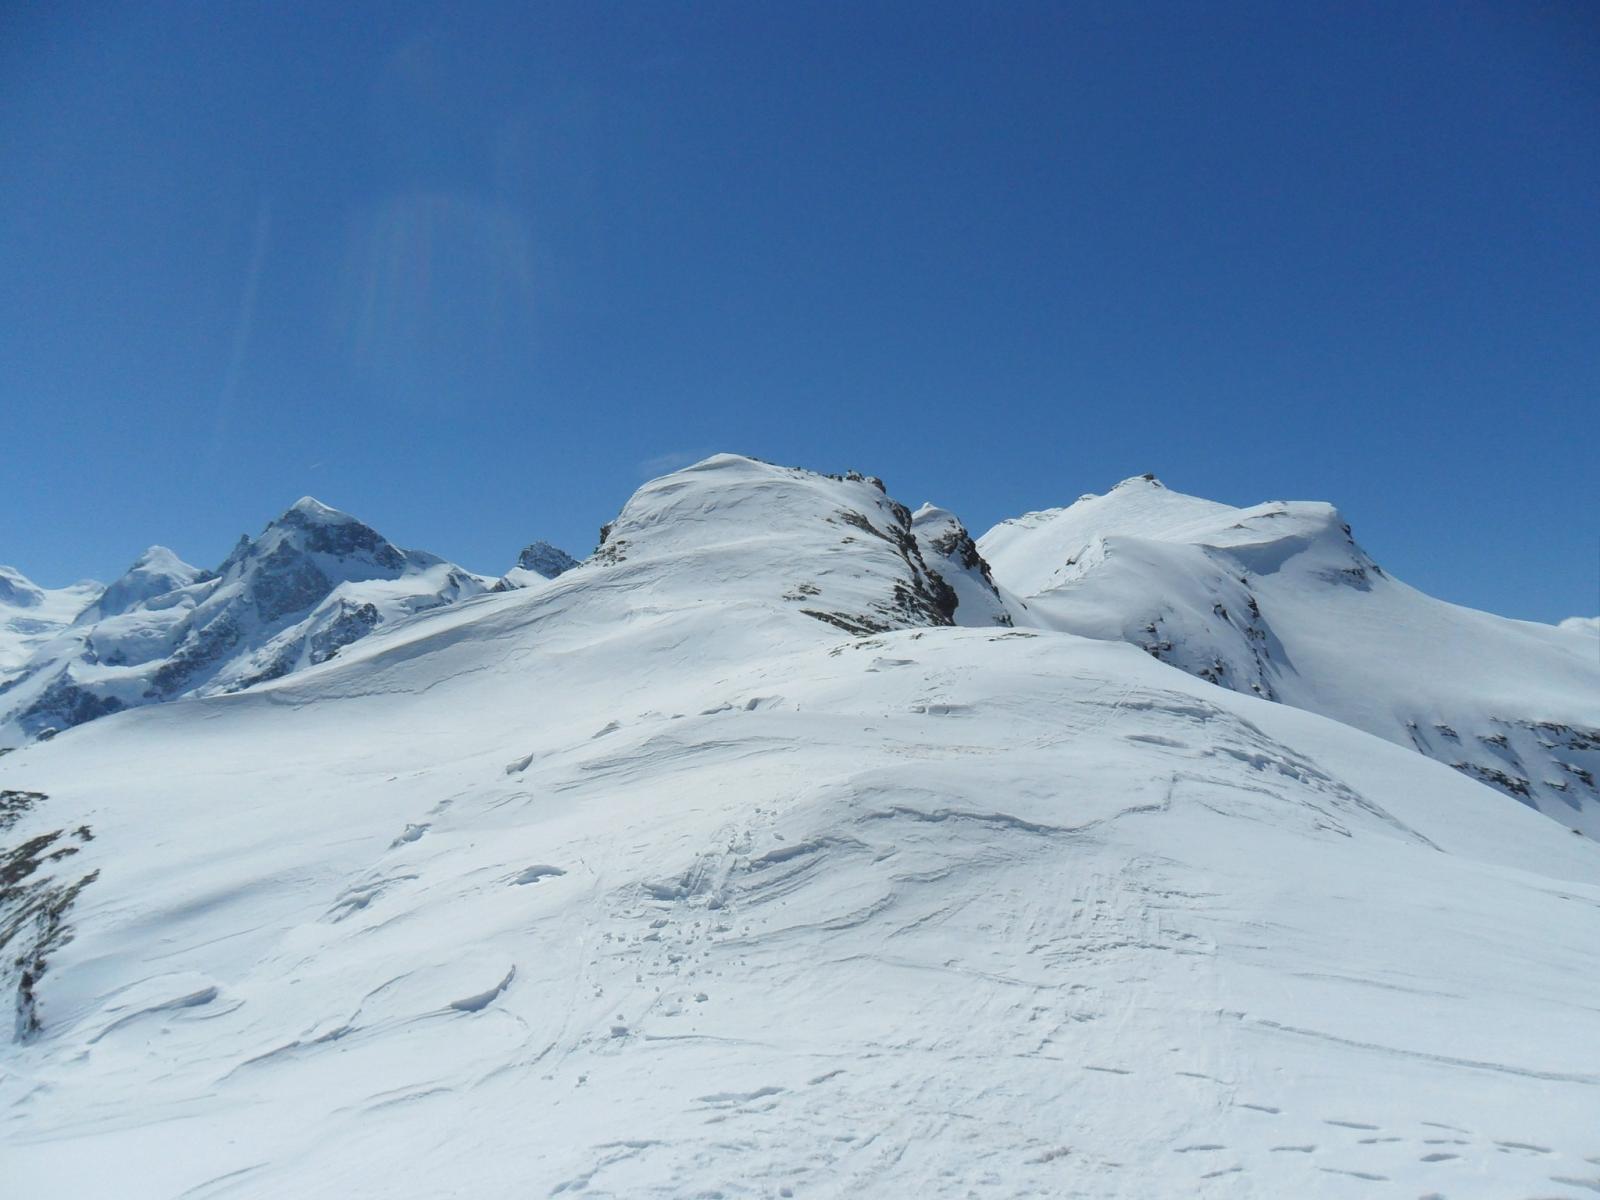 La q. 1553 al centro, a dx la cima Furggen